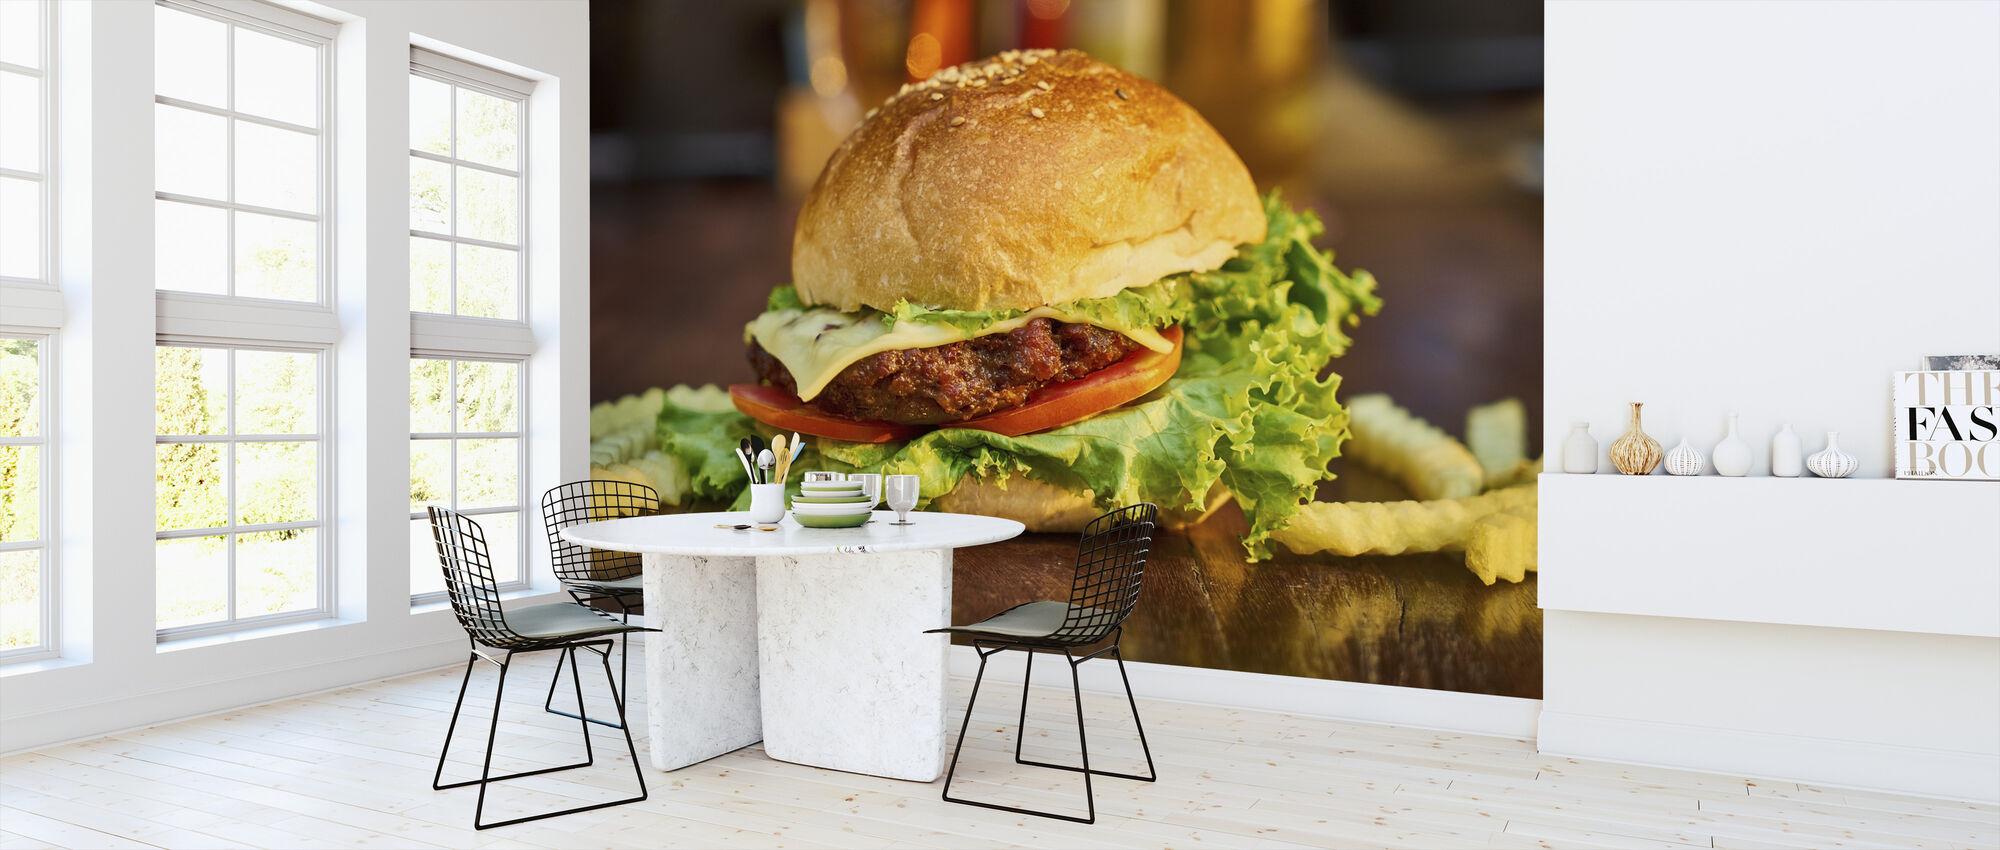 Burger - Tapet - Kjøkken